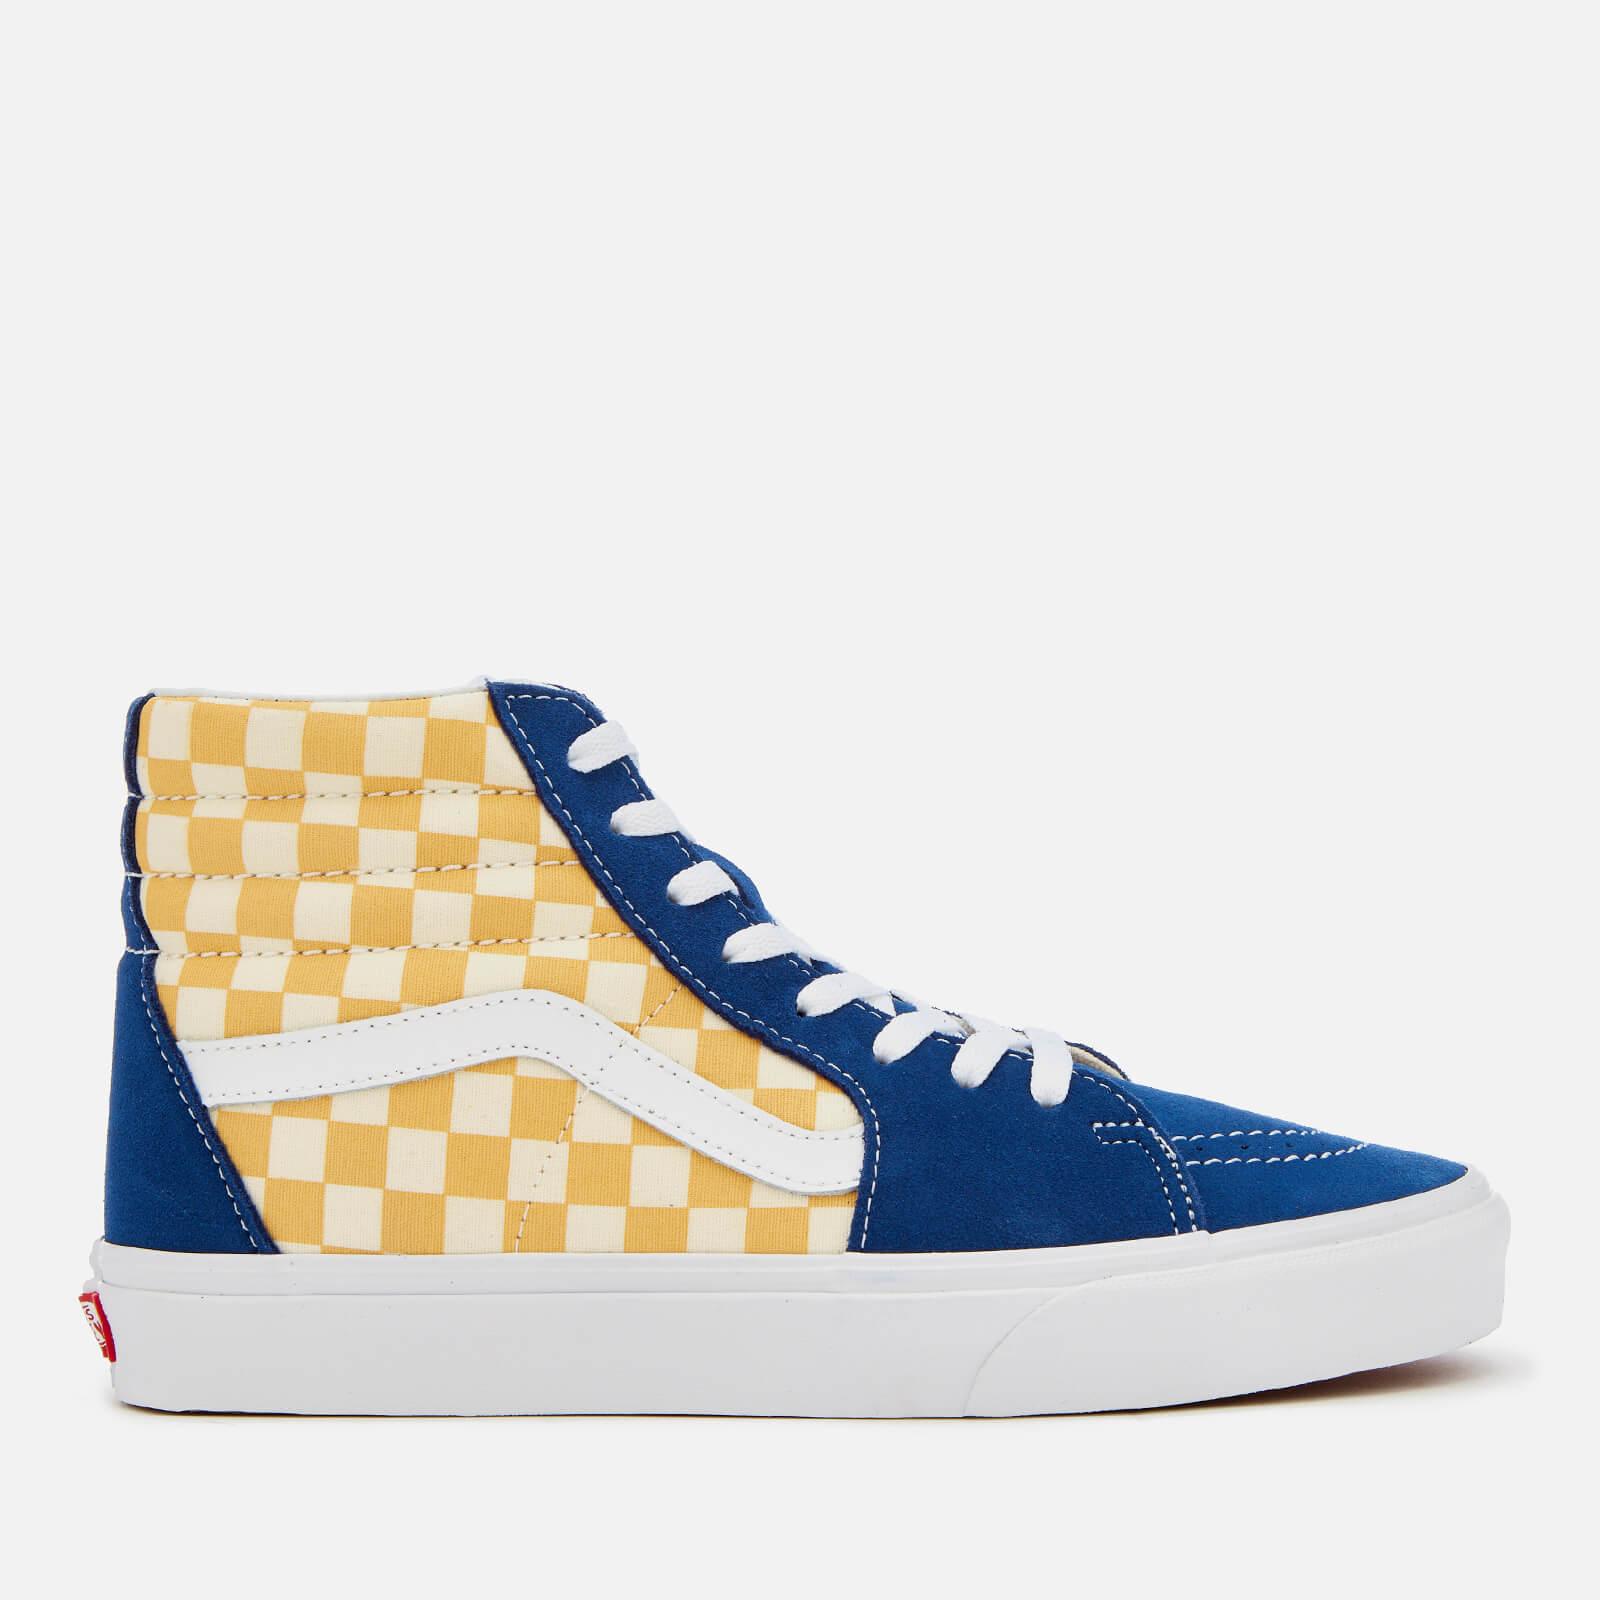 c4d6736047d07b Vans Men s Sk8-Hi BMX Checkerboard Trainers - True Blue Yellow Clothing